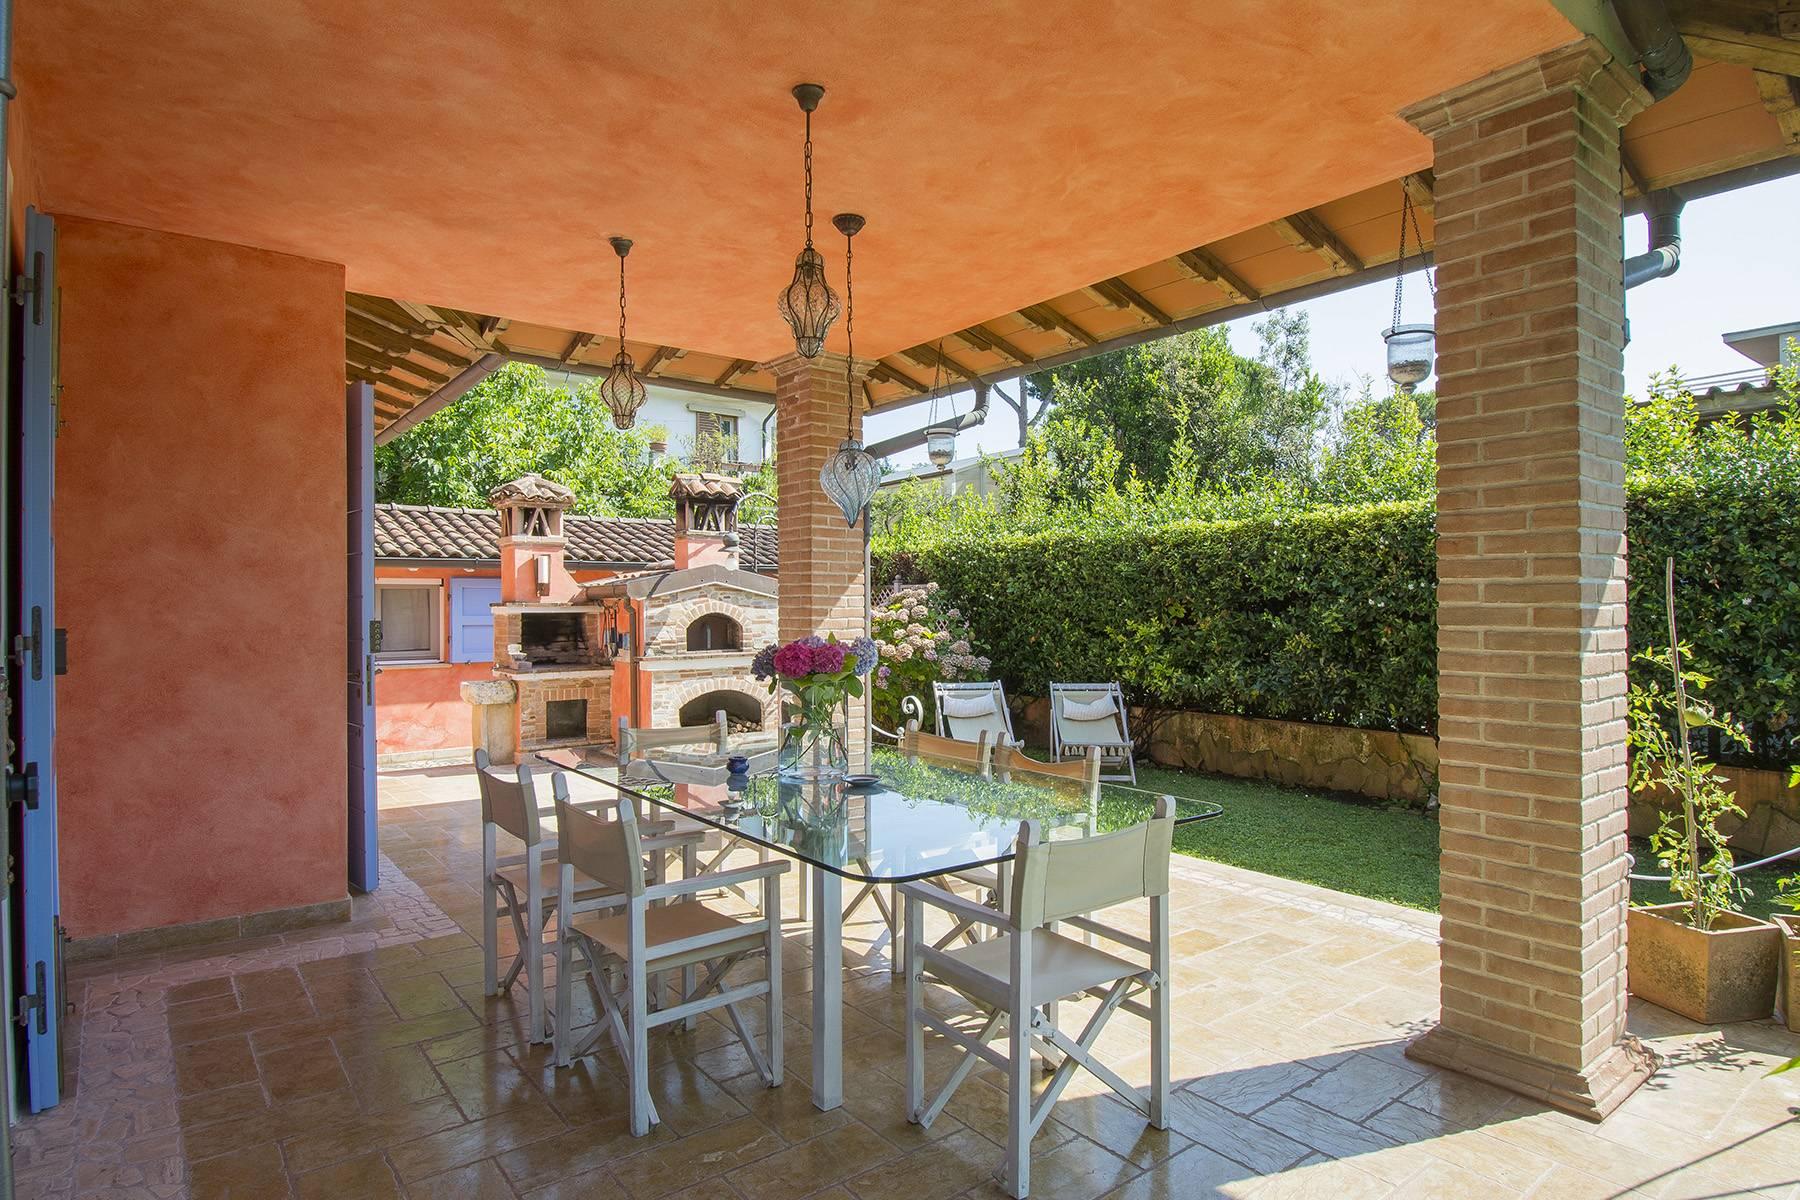 Casa indipendente in Vendita a Pietrasanta: 5 locali, 180 mq - Foto 12